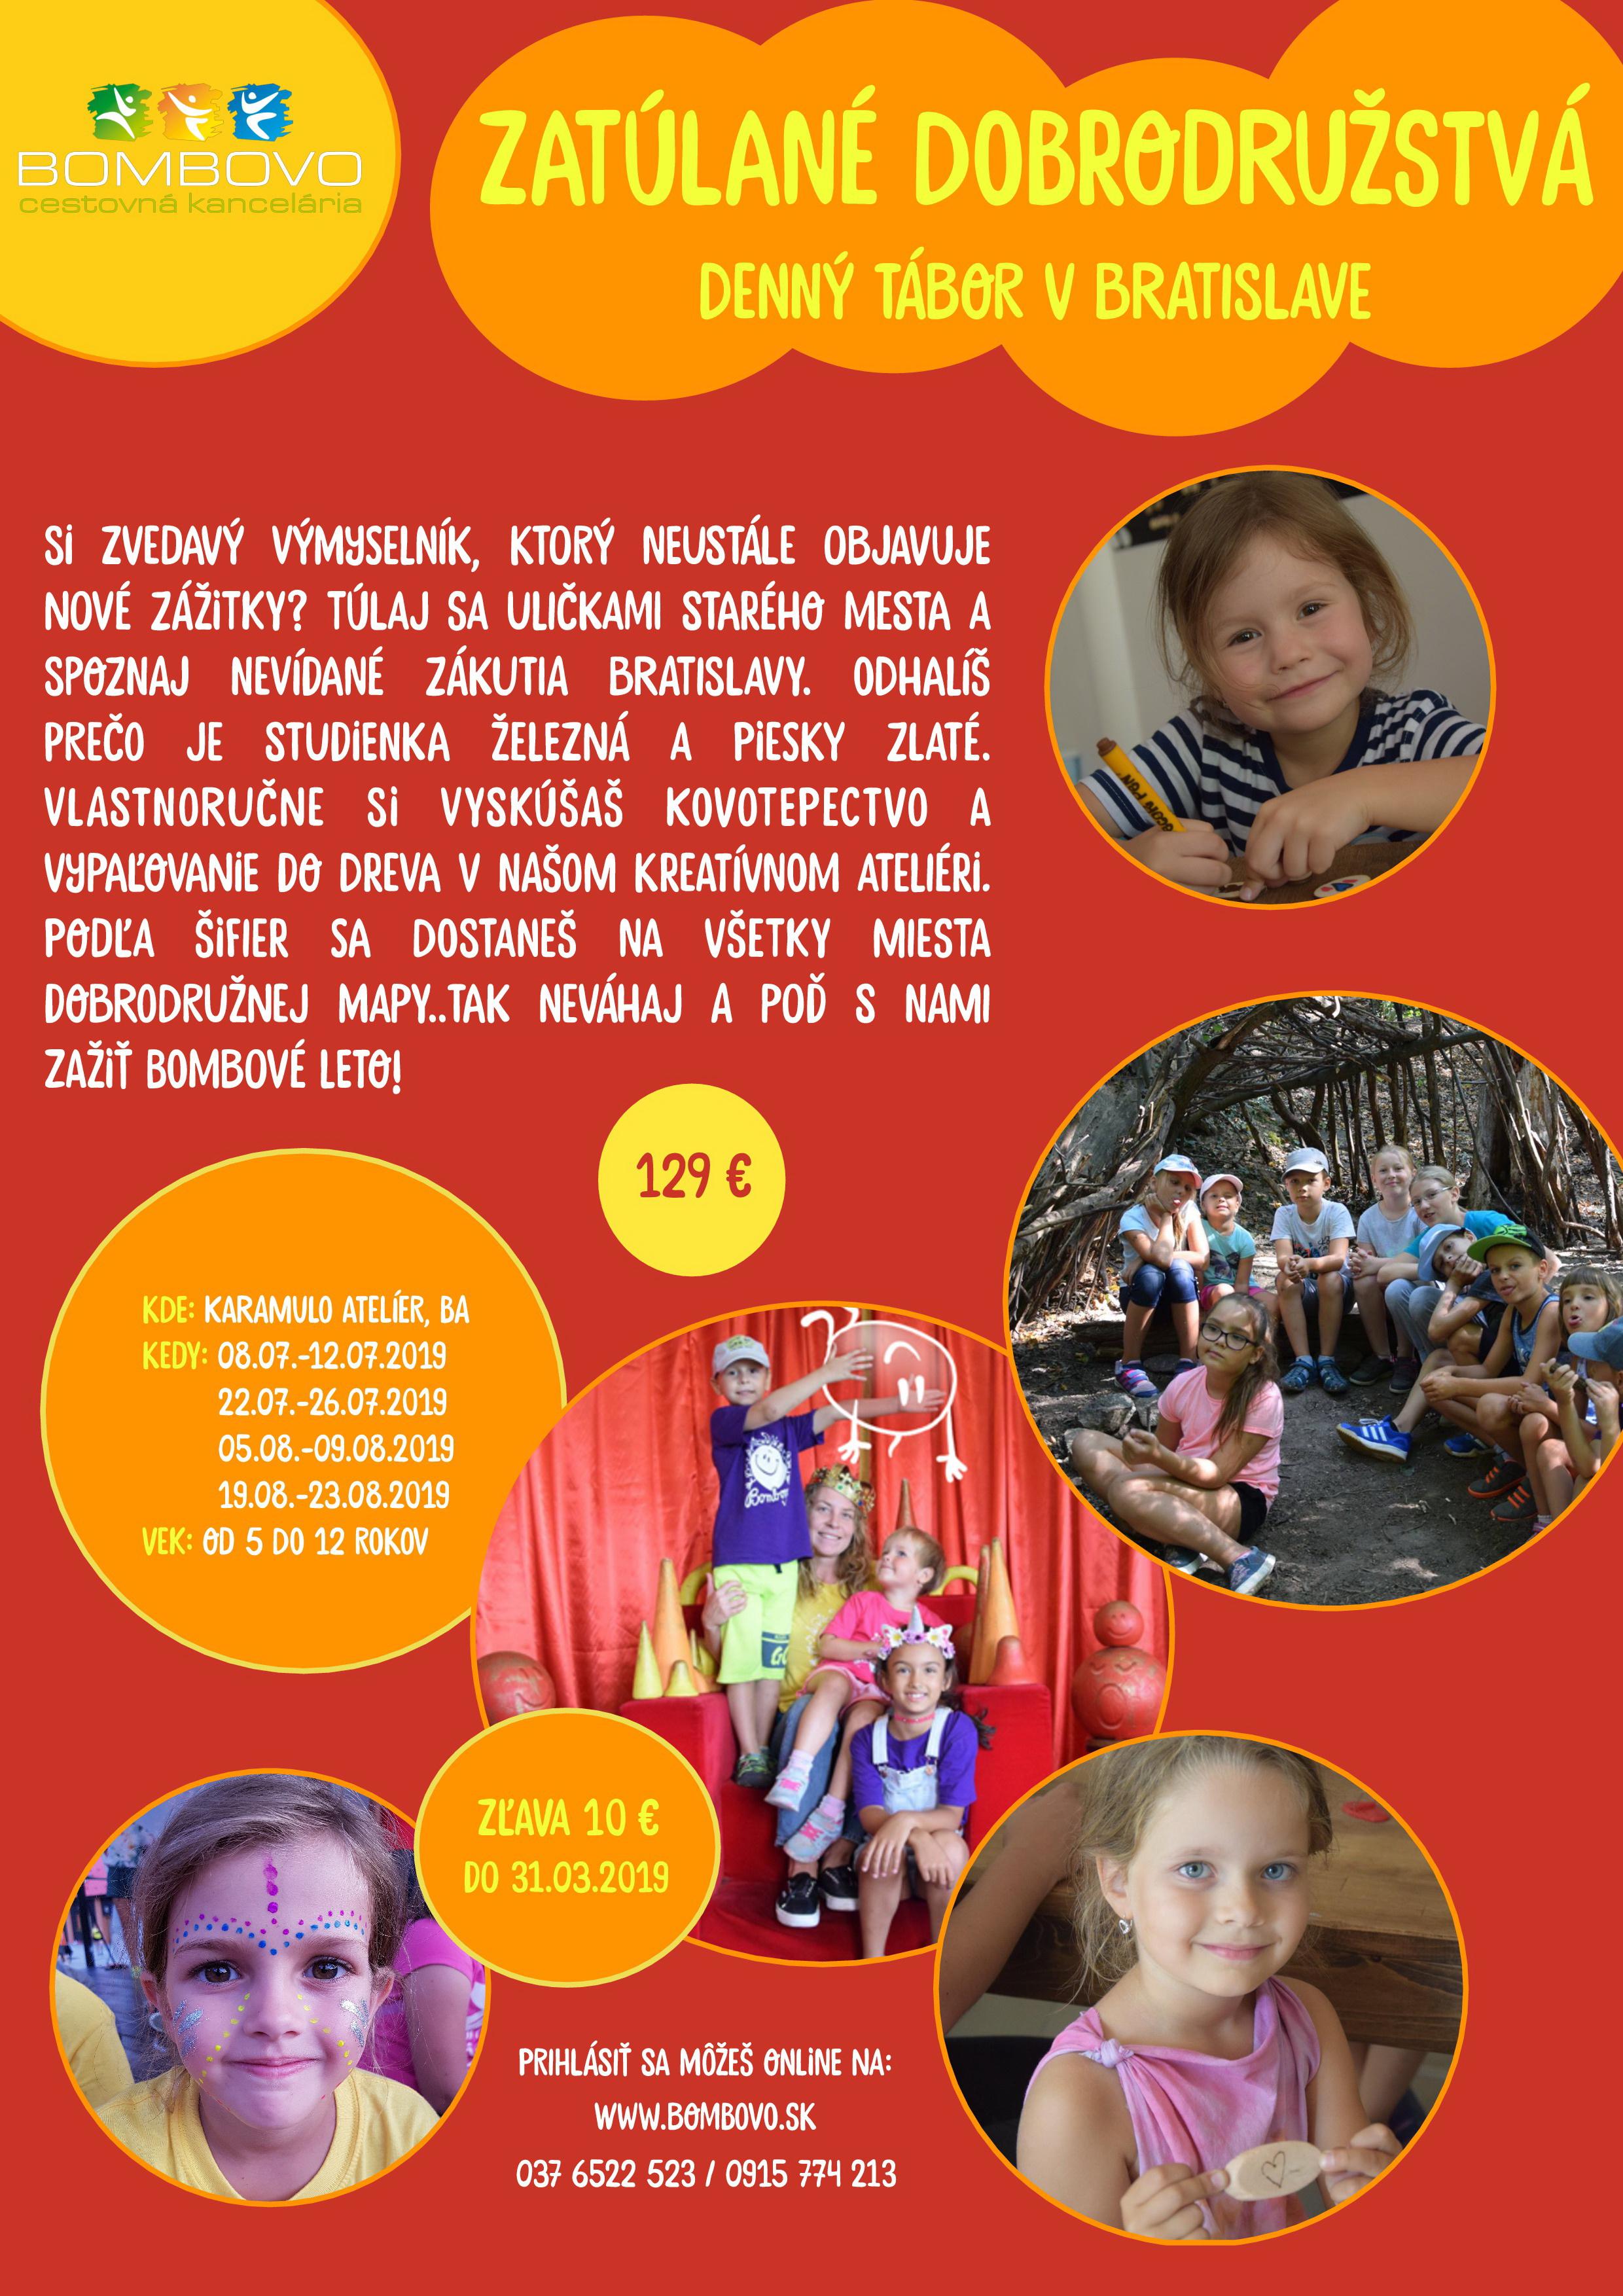 562aacd05afe4 Dobrodružný tábor v Karamulo Ateliéri   SDEŤMI.com